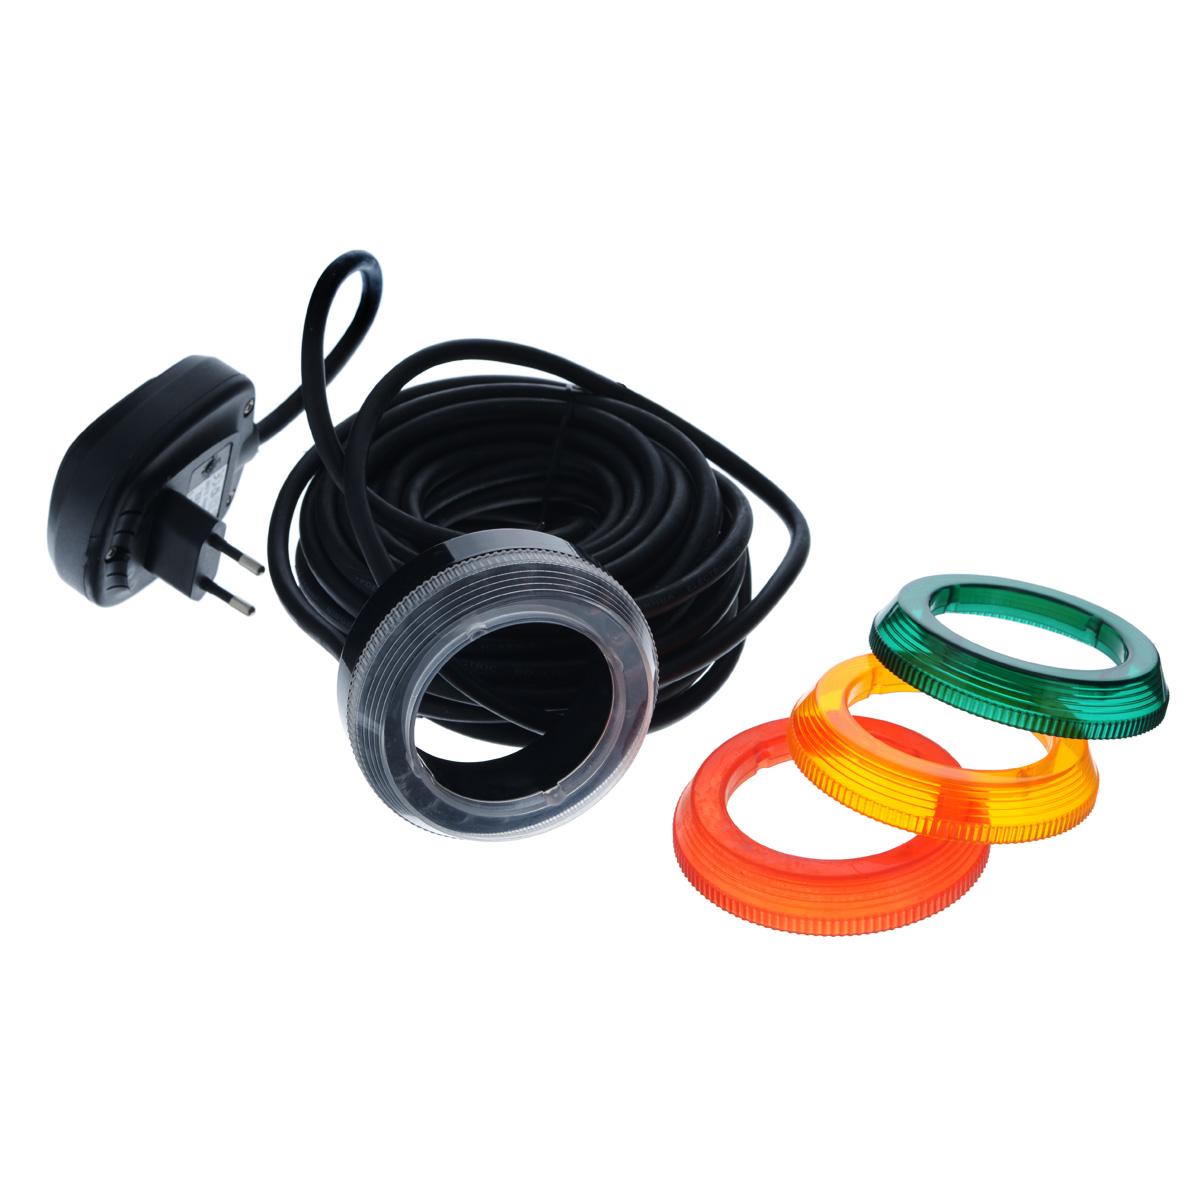 Насадка на разбрызгиватель Aquael Light Play Ring, светящаясяЗНАС-1000Насадка на разбрызгиватель Aquael Light Play Ring предназначена для создания водных световых эффектов или для освещения декоративных элементов под водой (в фонтанах, каскадах, искусственных водоемах, садовых водоемах, бассейнах, в саду возле дома), а так же на открытой поверхности, т.е. вне помещений. Конструкция светильников основана на использовании современной техники источников света LED. Их достоинством является очень маленький расход электроэнергии, небольшое количество выделяемого тепла, кроме того отсутствует необходимость замены светодиодов. Кабель питания имеет длину 10 метров и представляет возможность размещения устройства в любом месте. Кабель светильника можно отключить от трансформатора, а это значит, что очень удобно устанавливать и подключать эти источники света. Светильник приспособлен для непрерывной работы. В комплекте 4 сменные насадки белого, красного, оранжевого и зеленого цветов. Размер насадки: 8,5 см х 8,5 см х 3 см.Длина провода: 10 м.